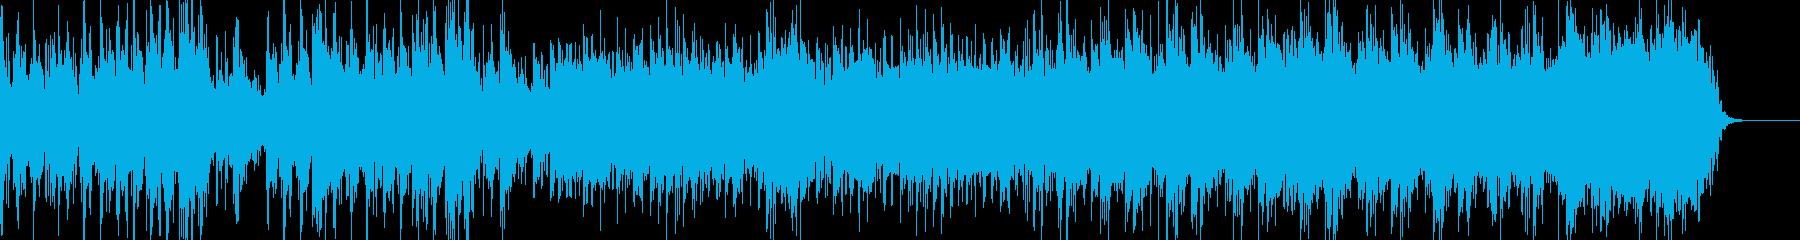 冬を感じさせる幻想的なBGMの再生済みの波形